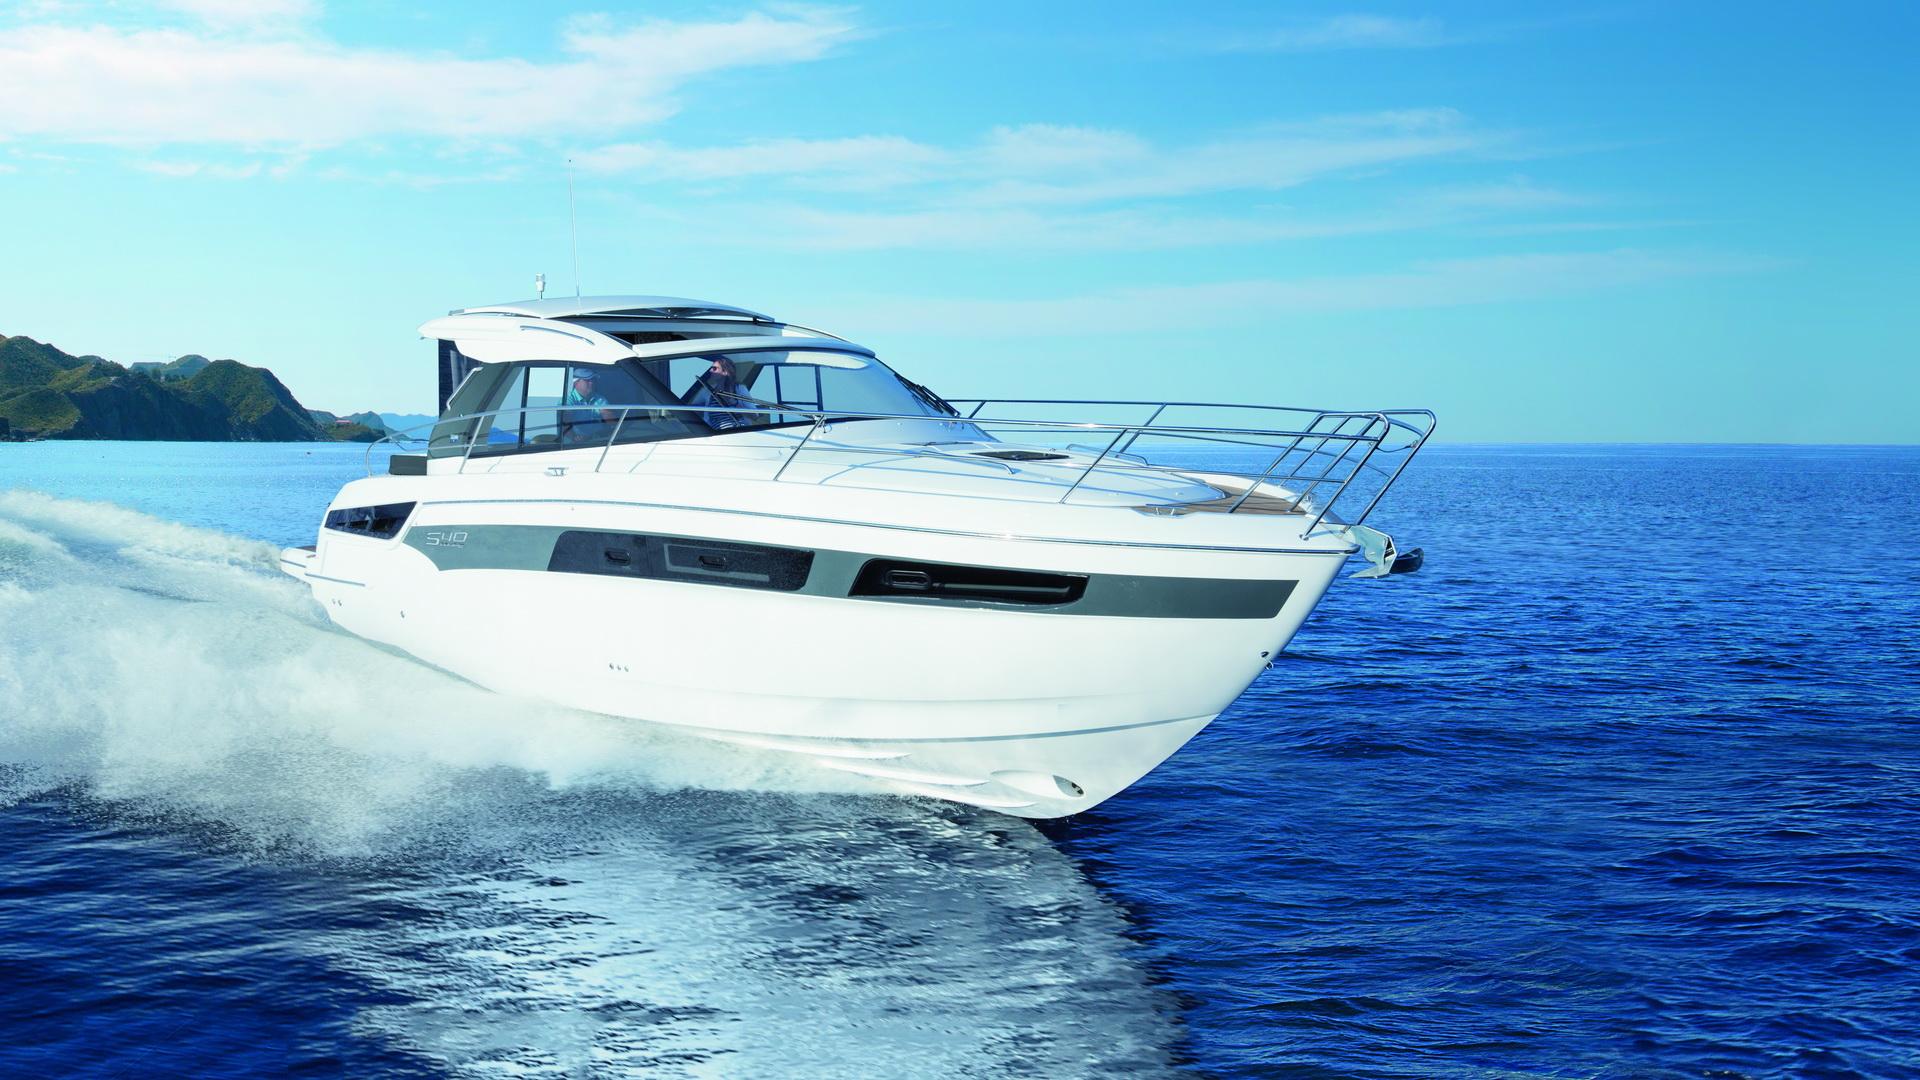 BAVARIA S40 Coupe - Bavaria Yachts - Drettmann Yachts